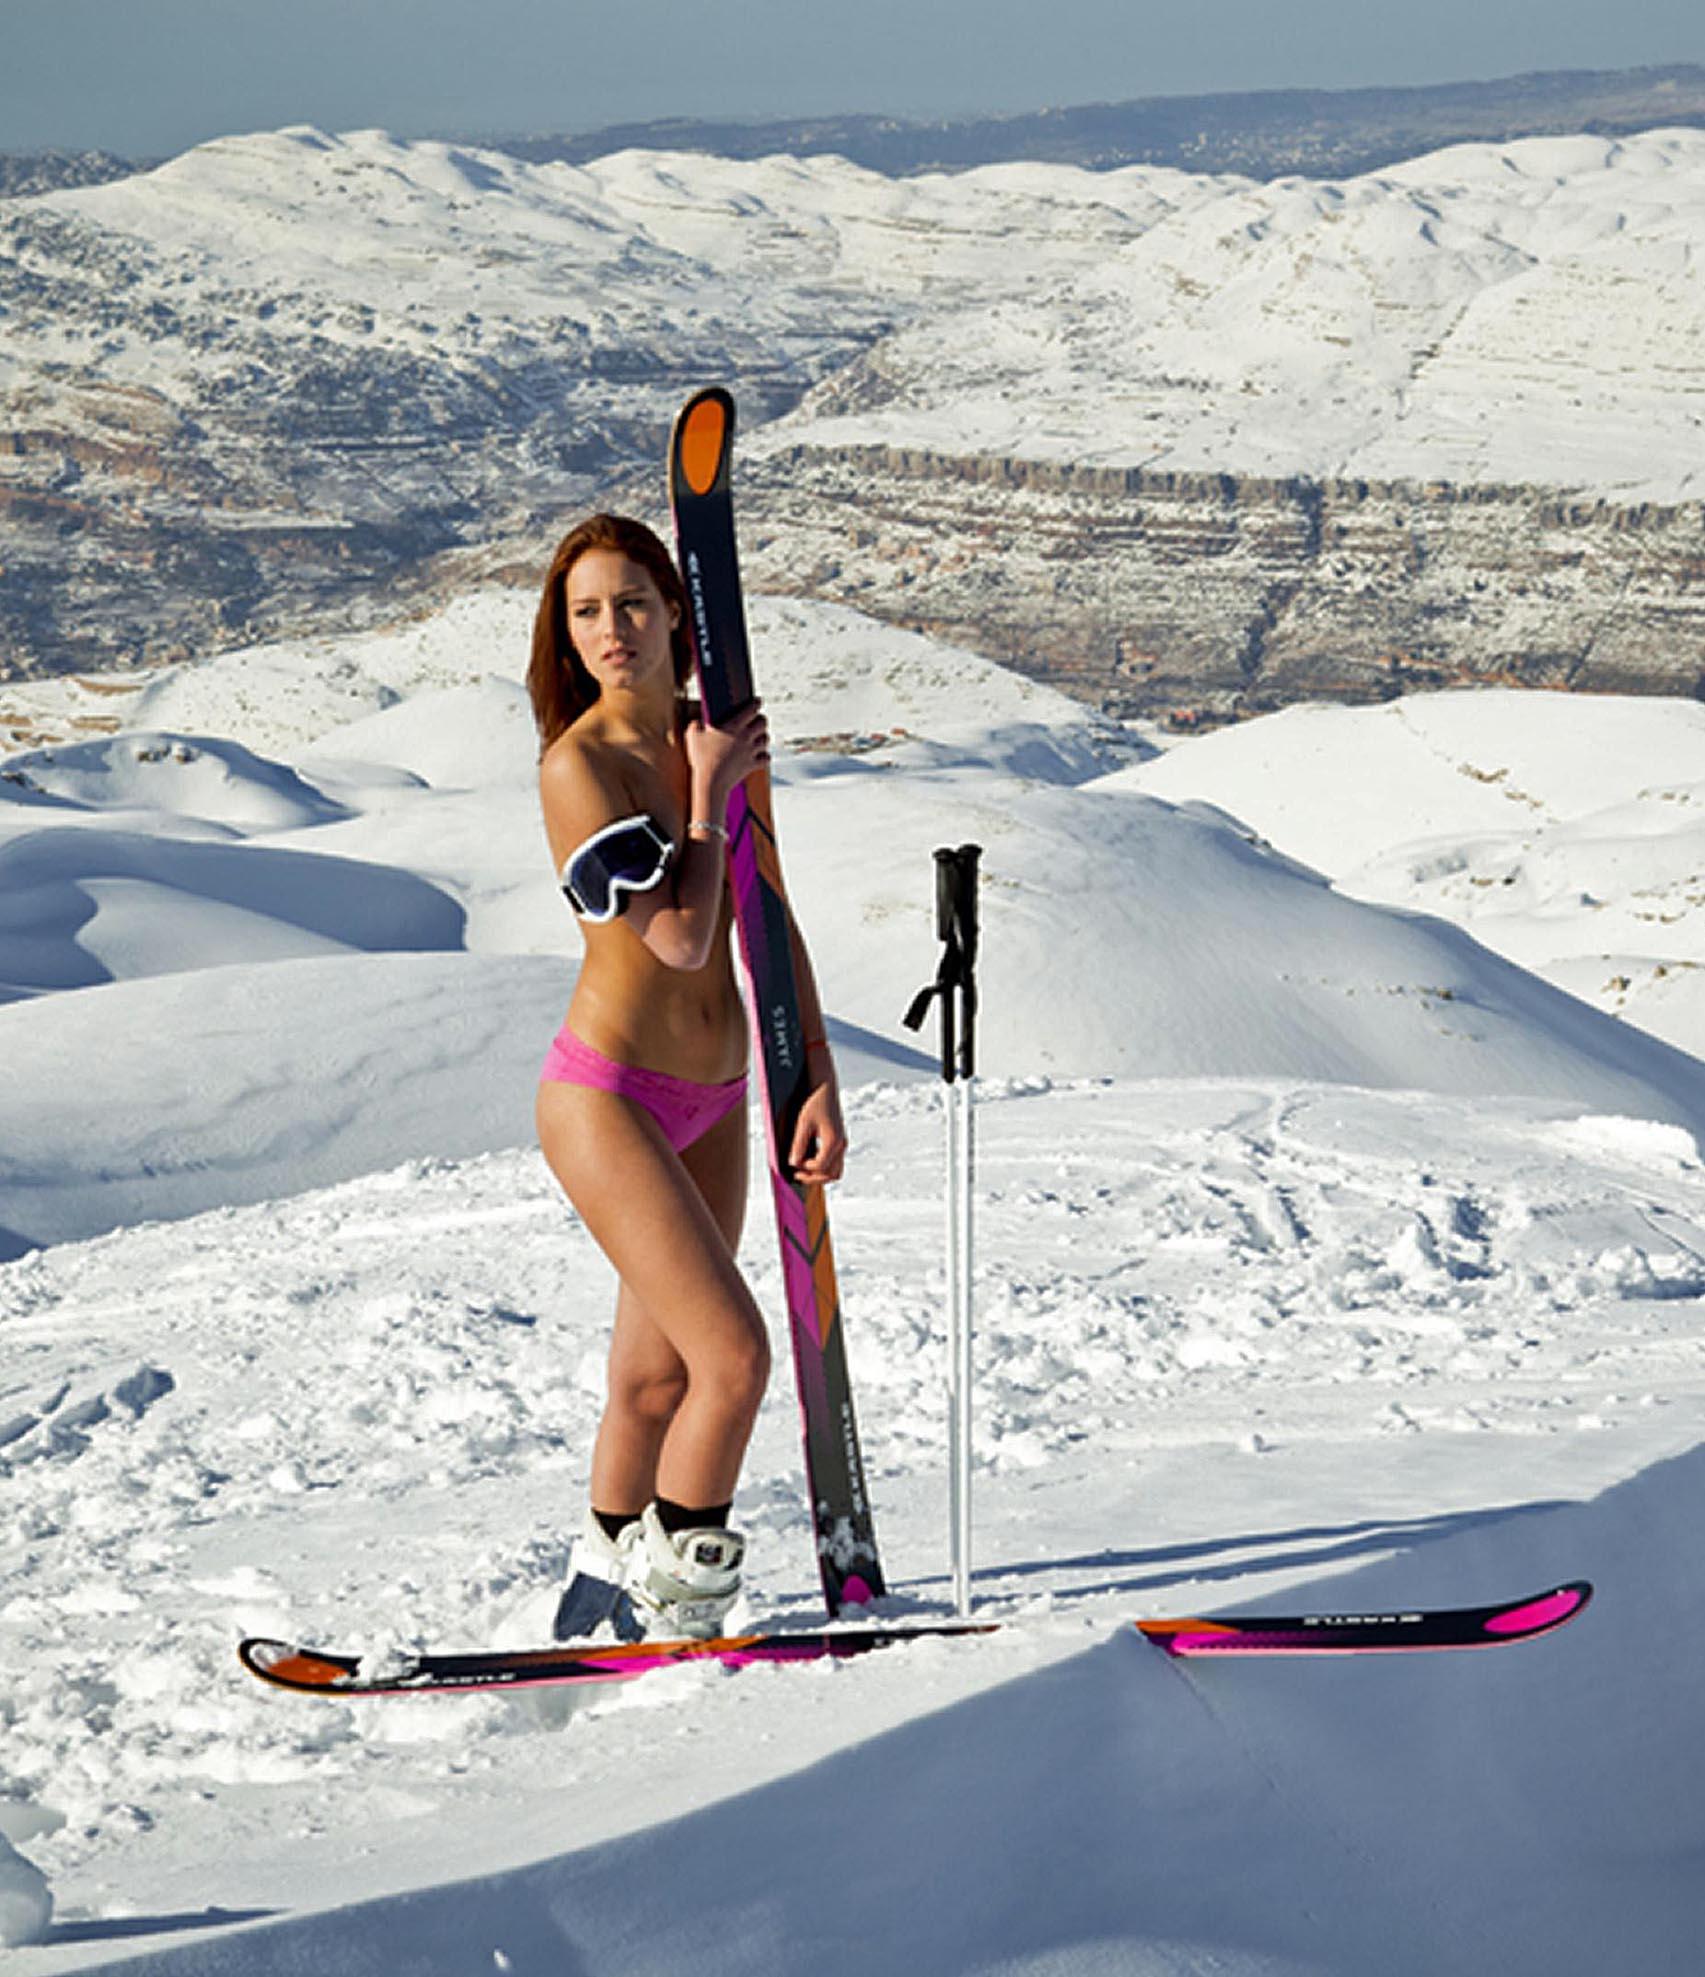 Смотреть порно на горнолыжном склоне 5 фотография